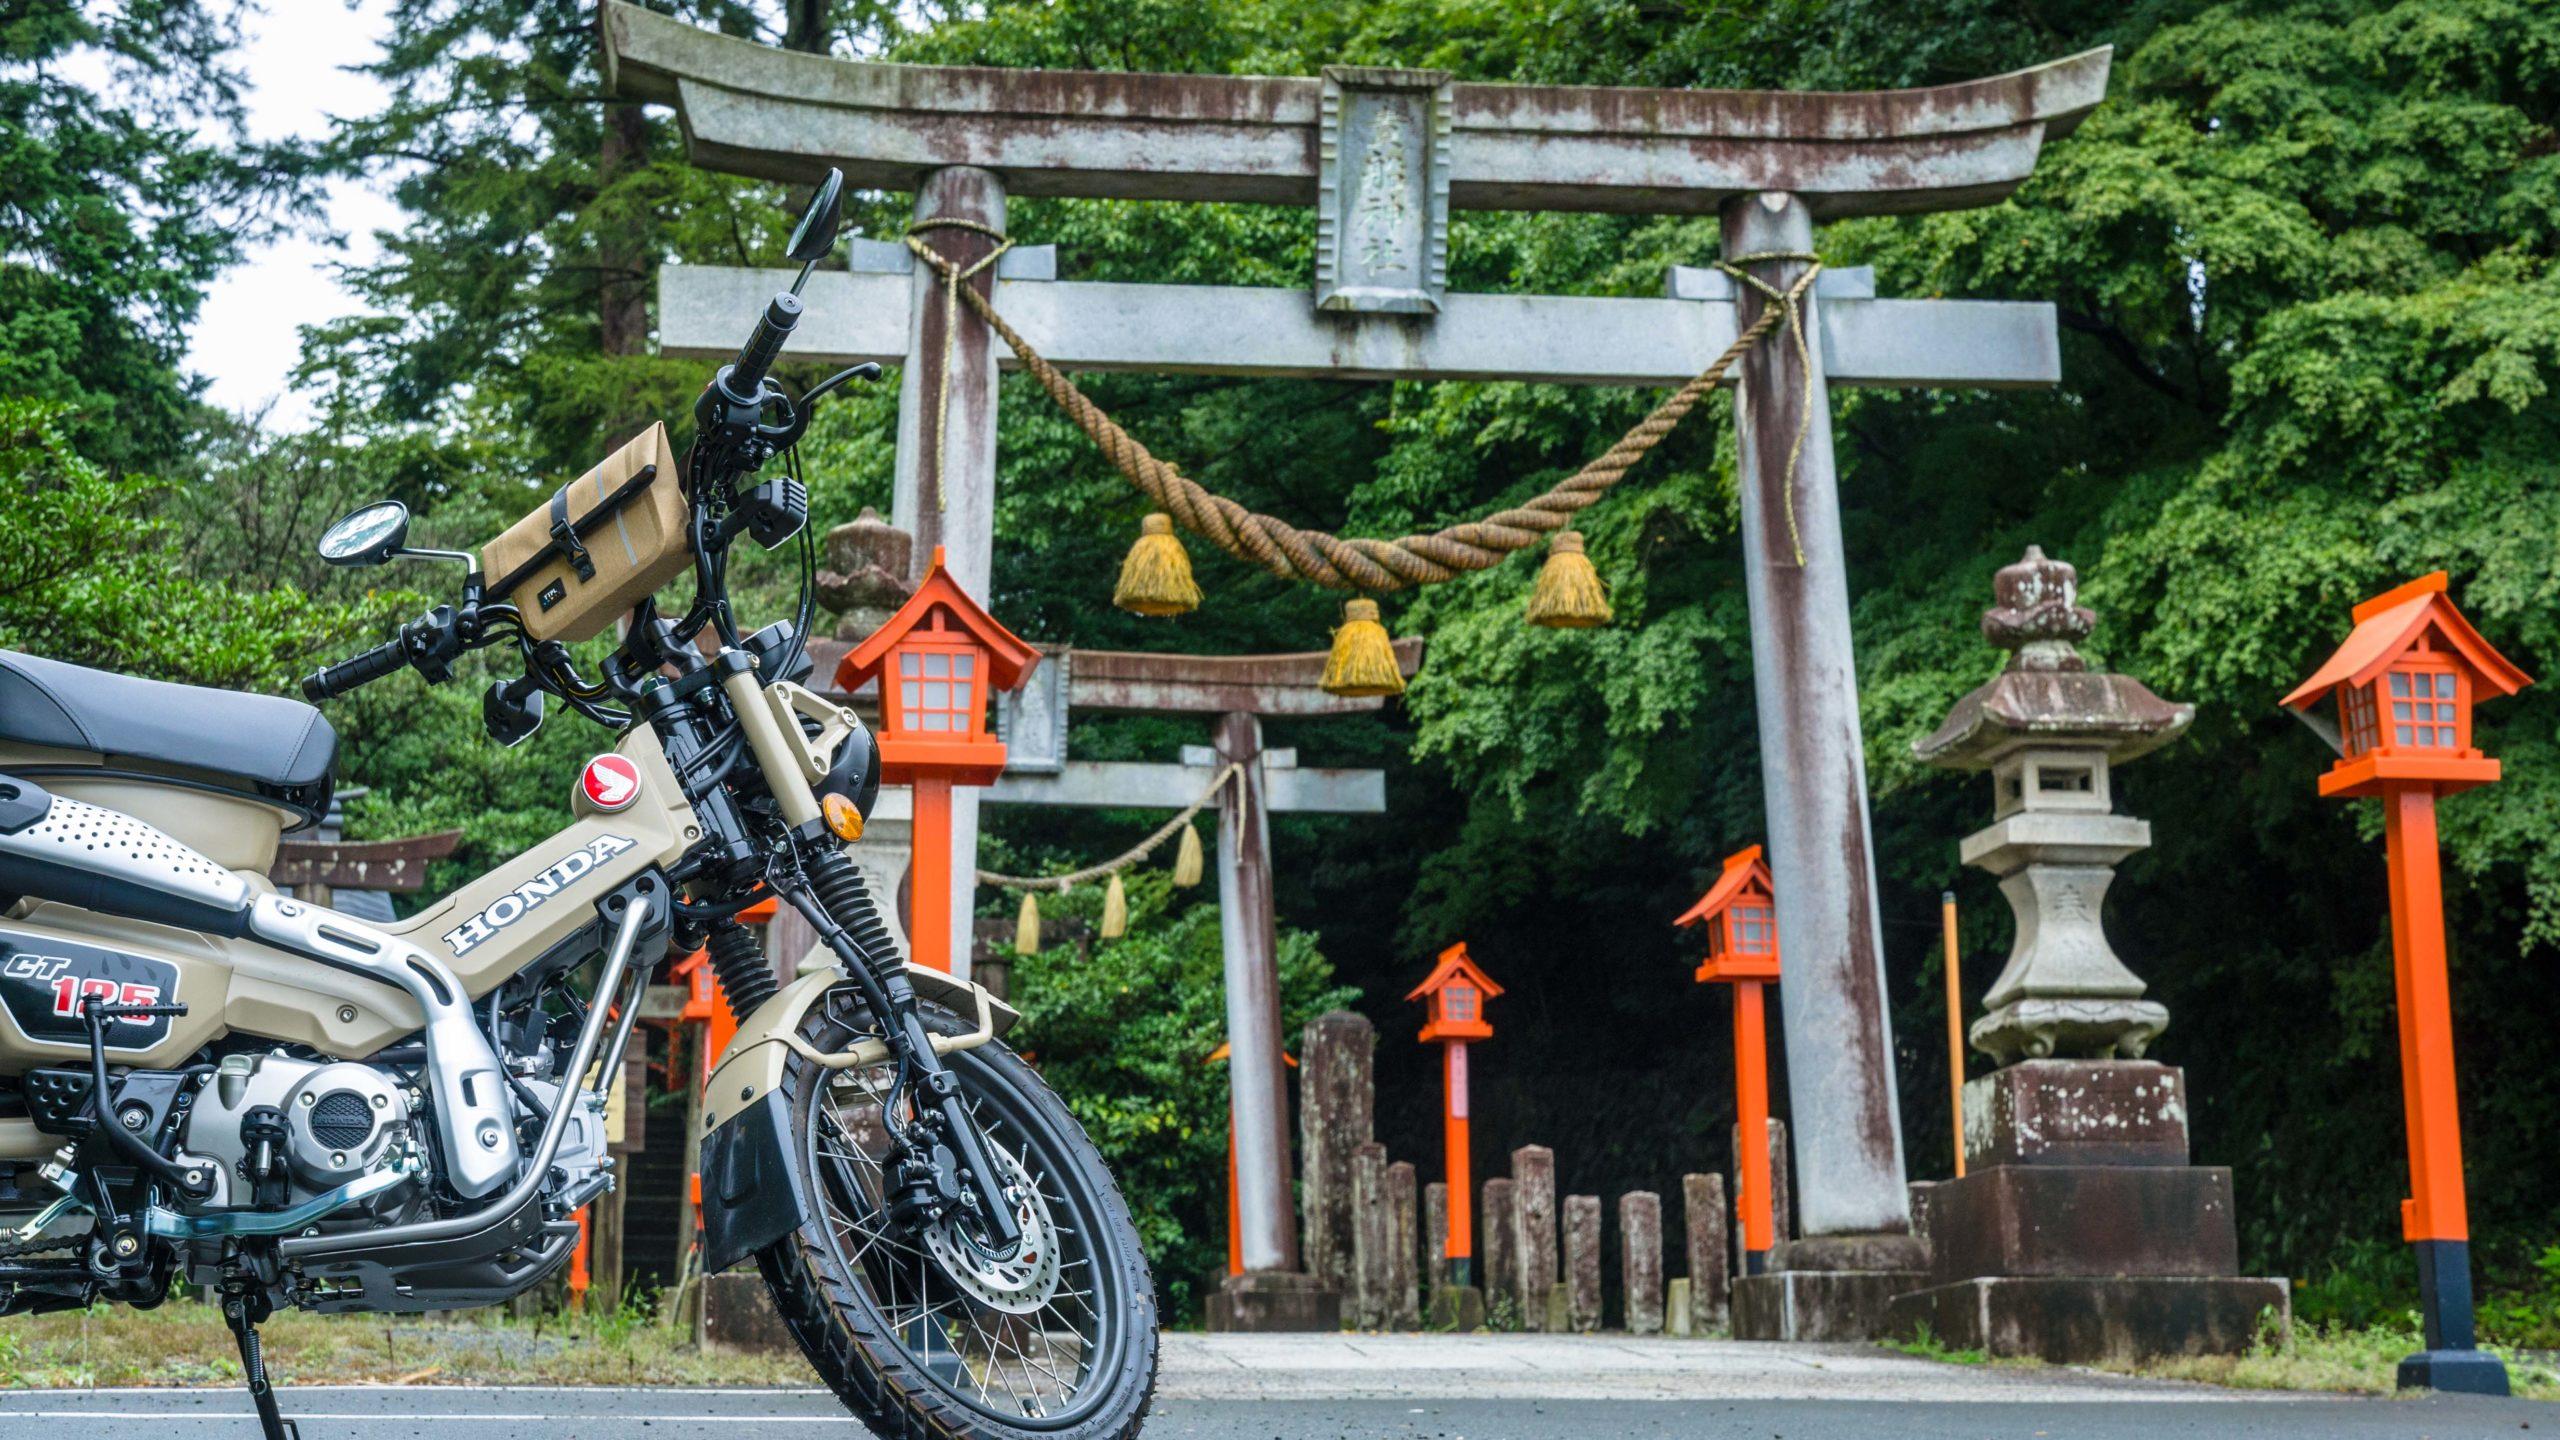 群馬の貴船神社の駐車場にとめたCT125ハンターカブ